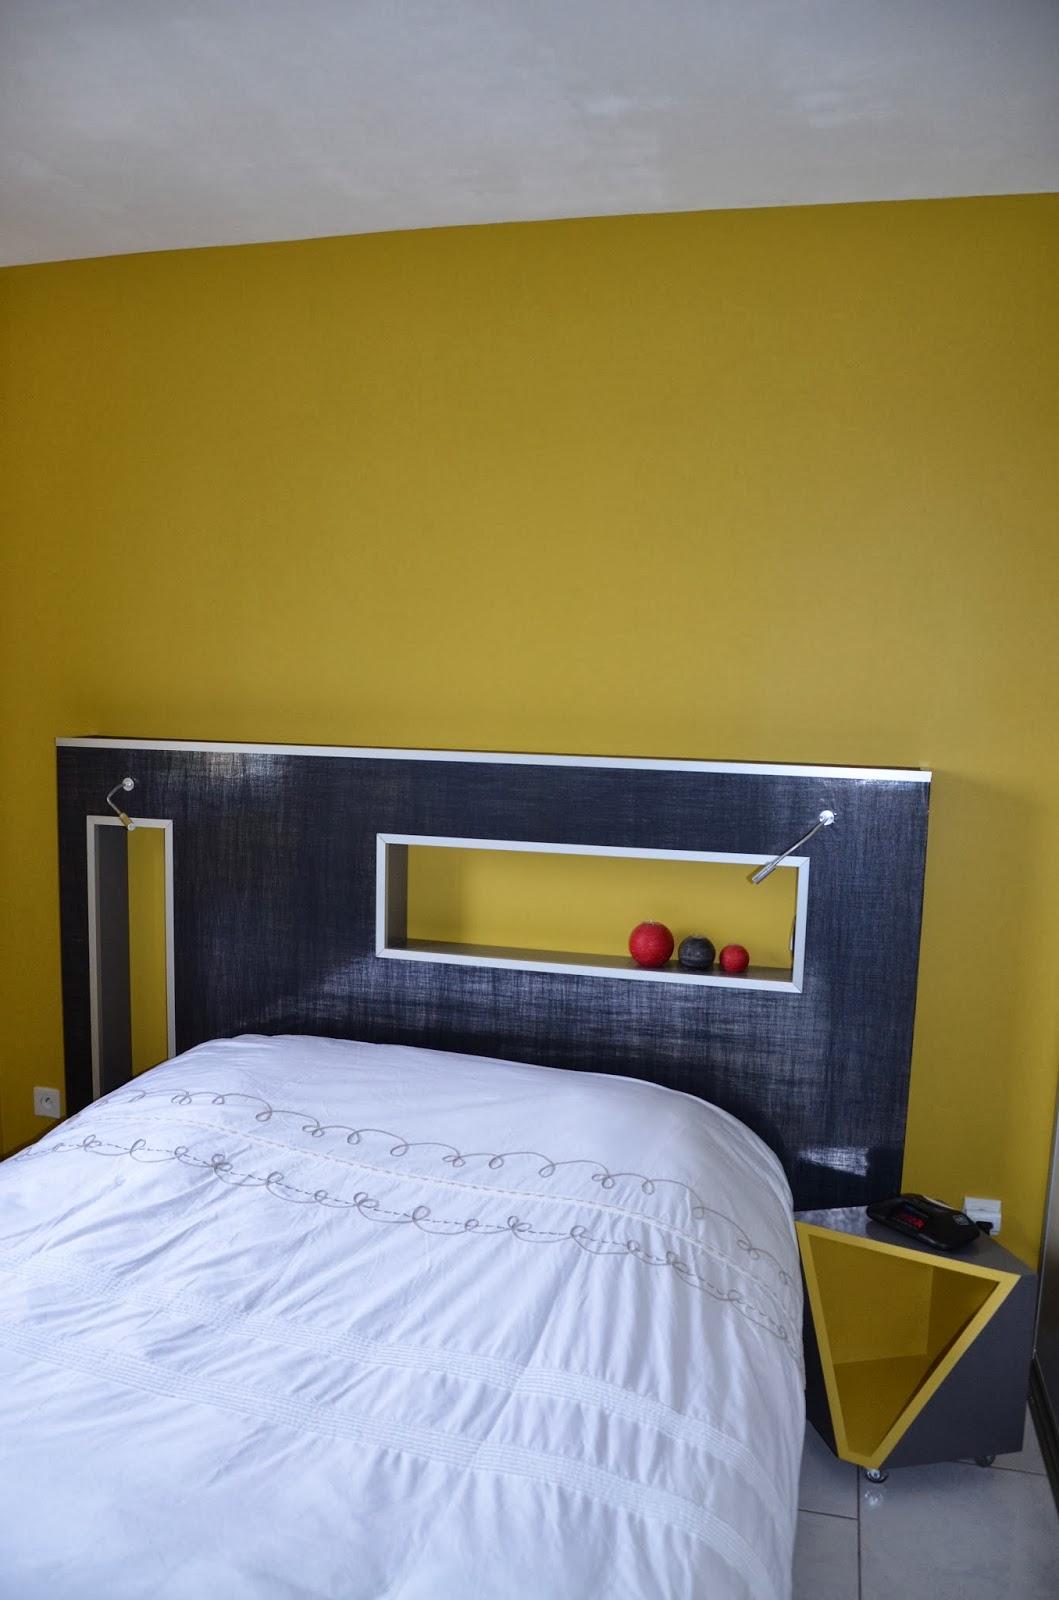 Meubles sur mesure et mise en couleur d 39 une chambre for Chambre de mise en charge